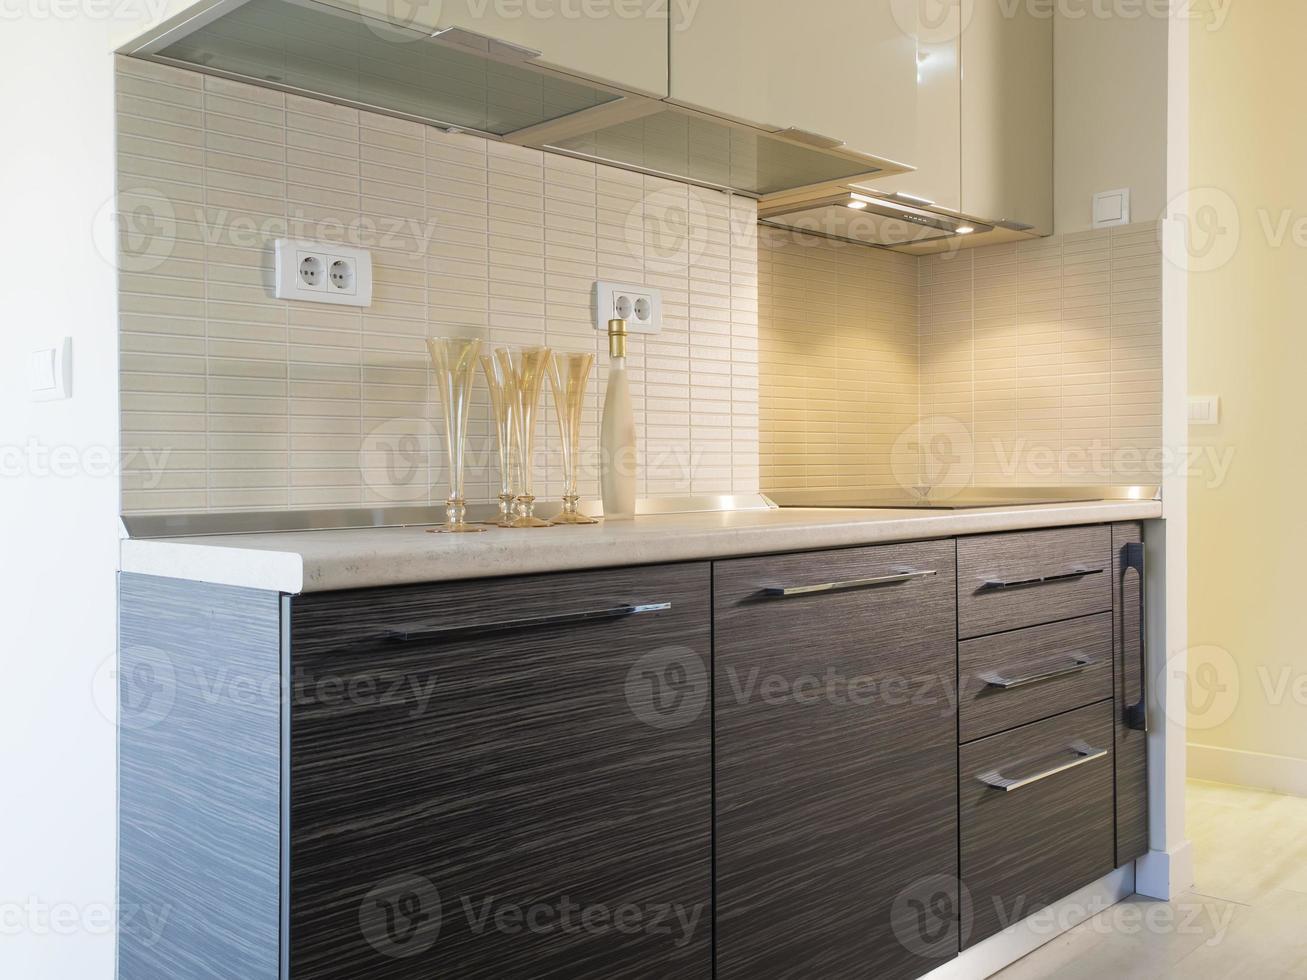 Home kitchen photo